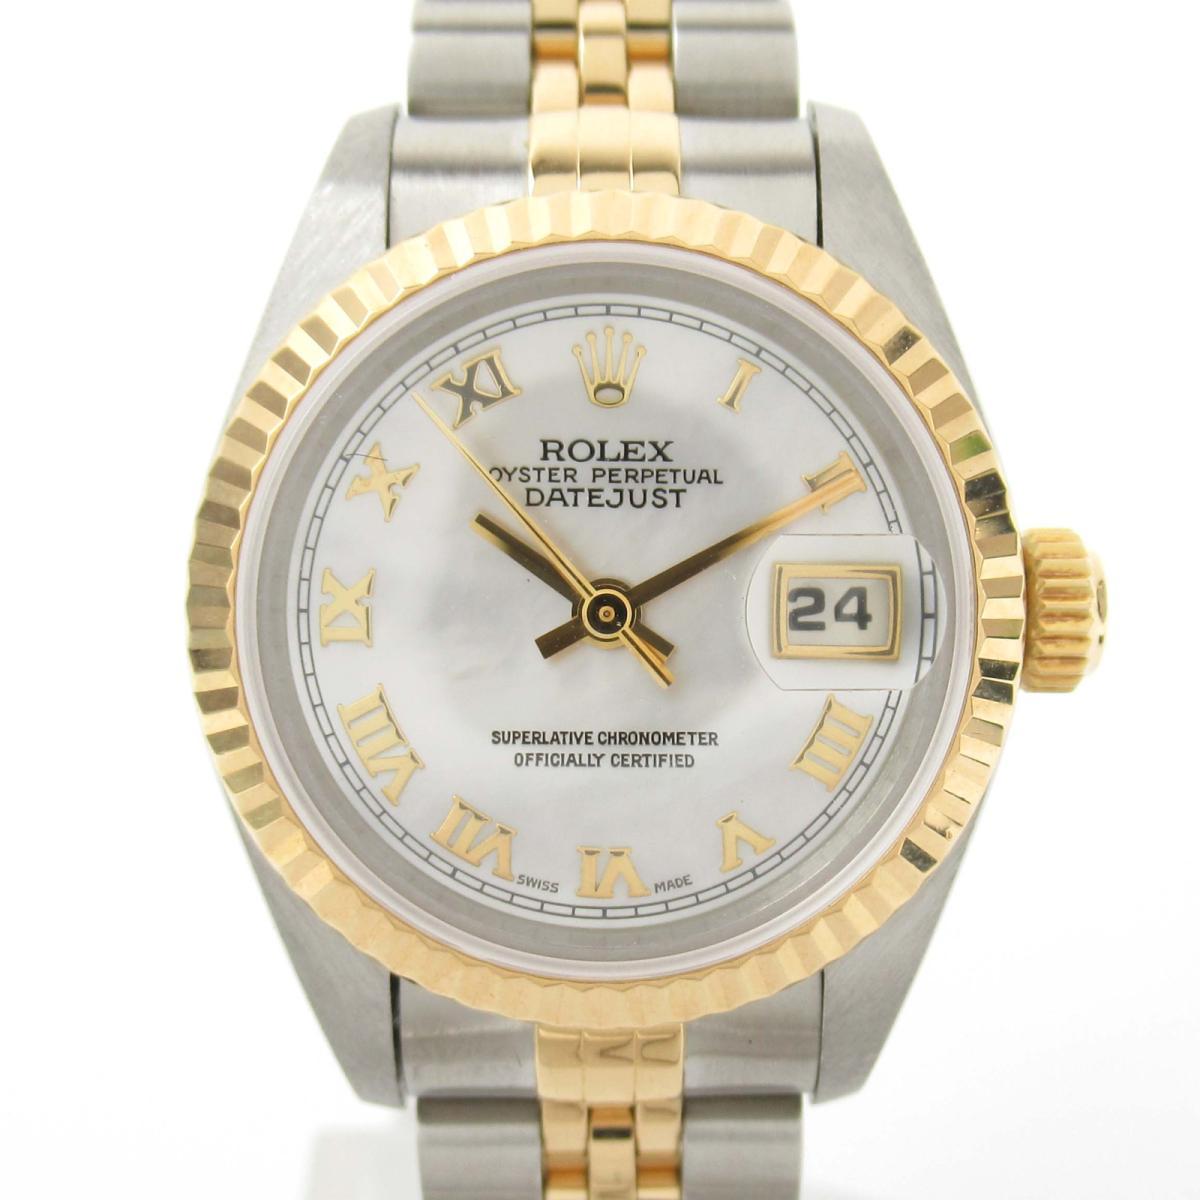 【中古】 ロレックス デイトジャスト ウォッチ 腕時計 レディース K18YG (750)イエローゴールド x ステンレススチール (SS) (69173NR U番) | ROLEX BRANDOFF ブランドオフ ブランド ブランド時計 ブランド腕時計 時計